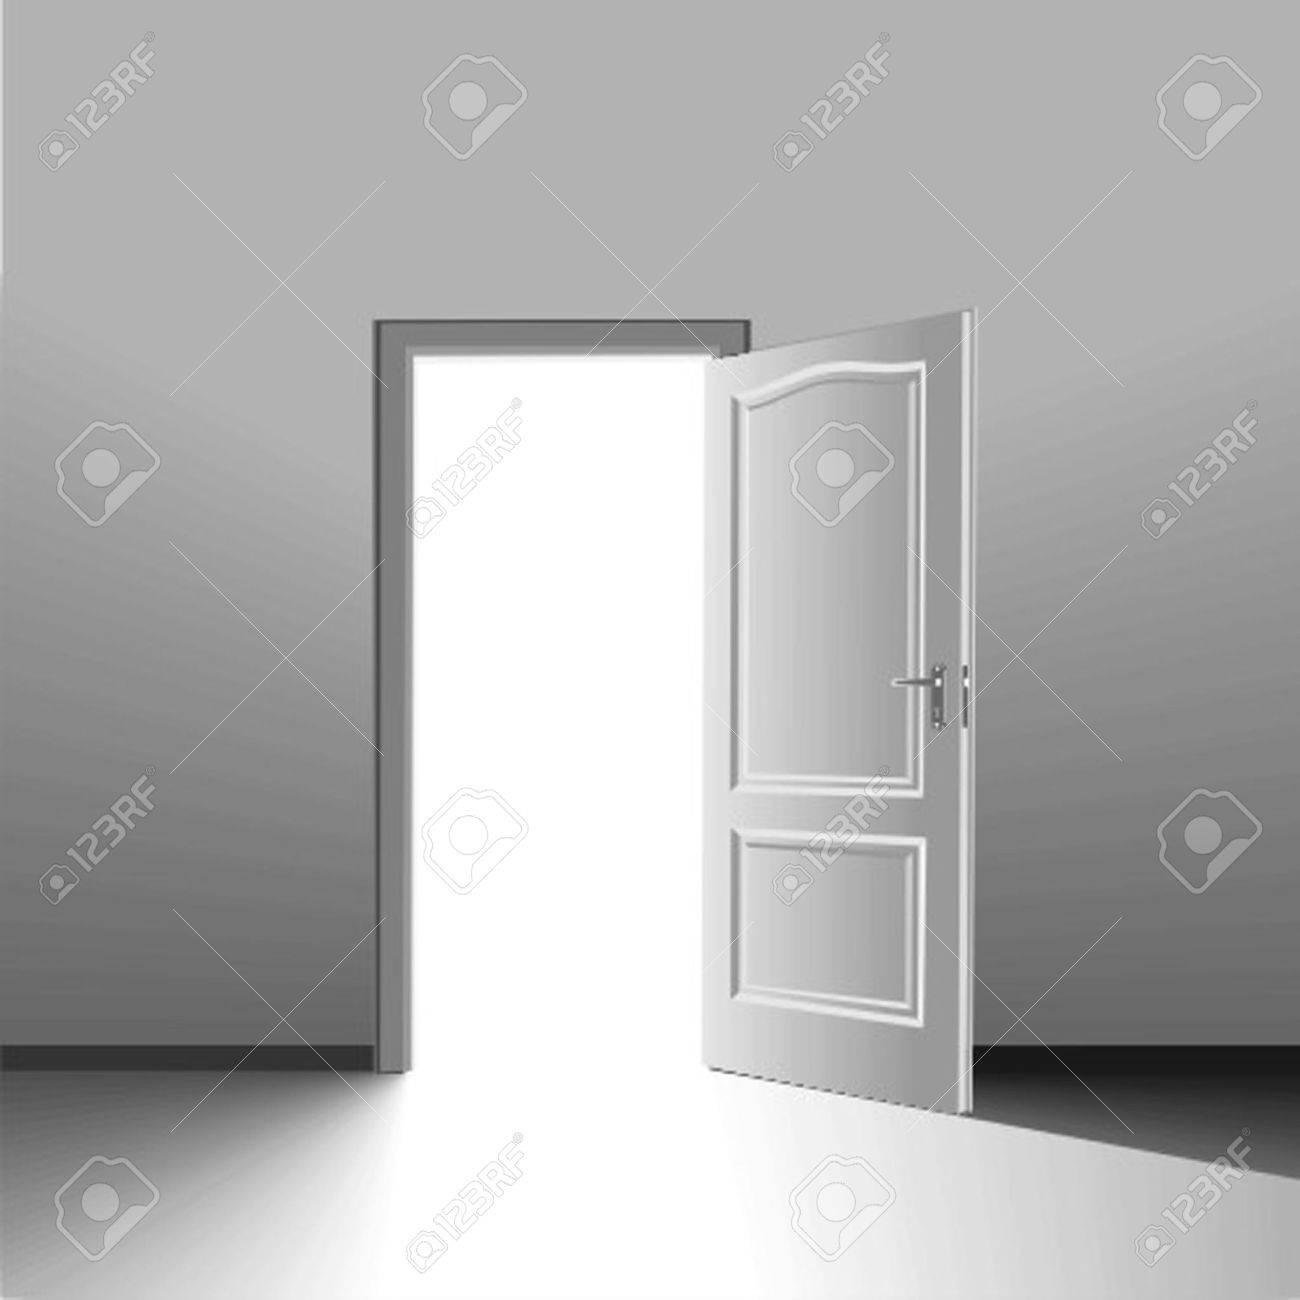 door - 13058275